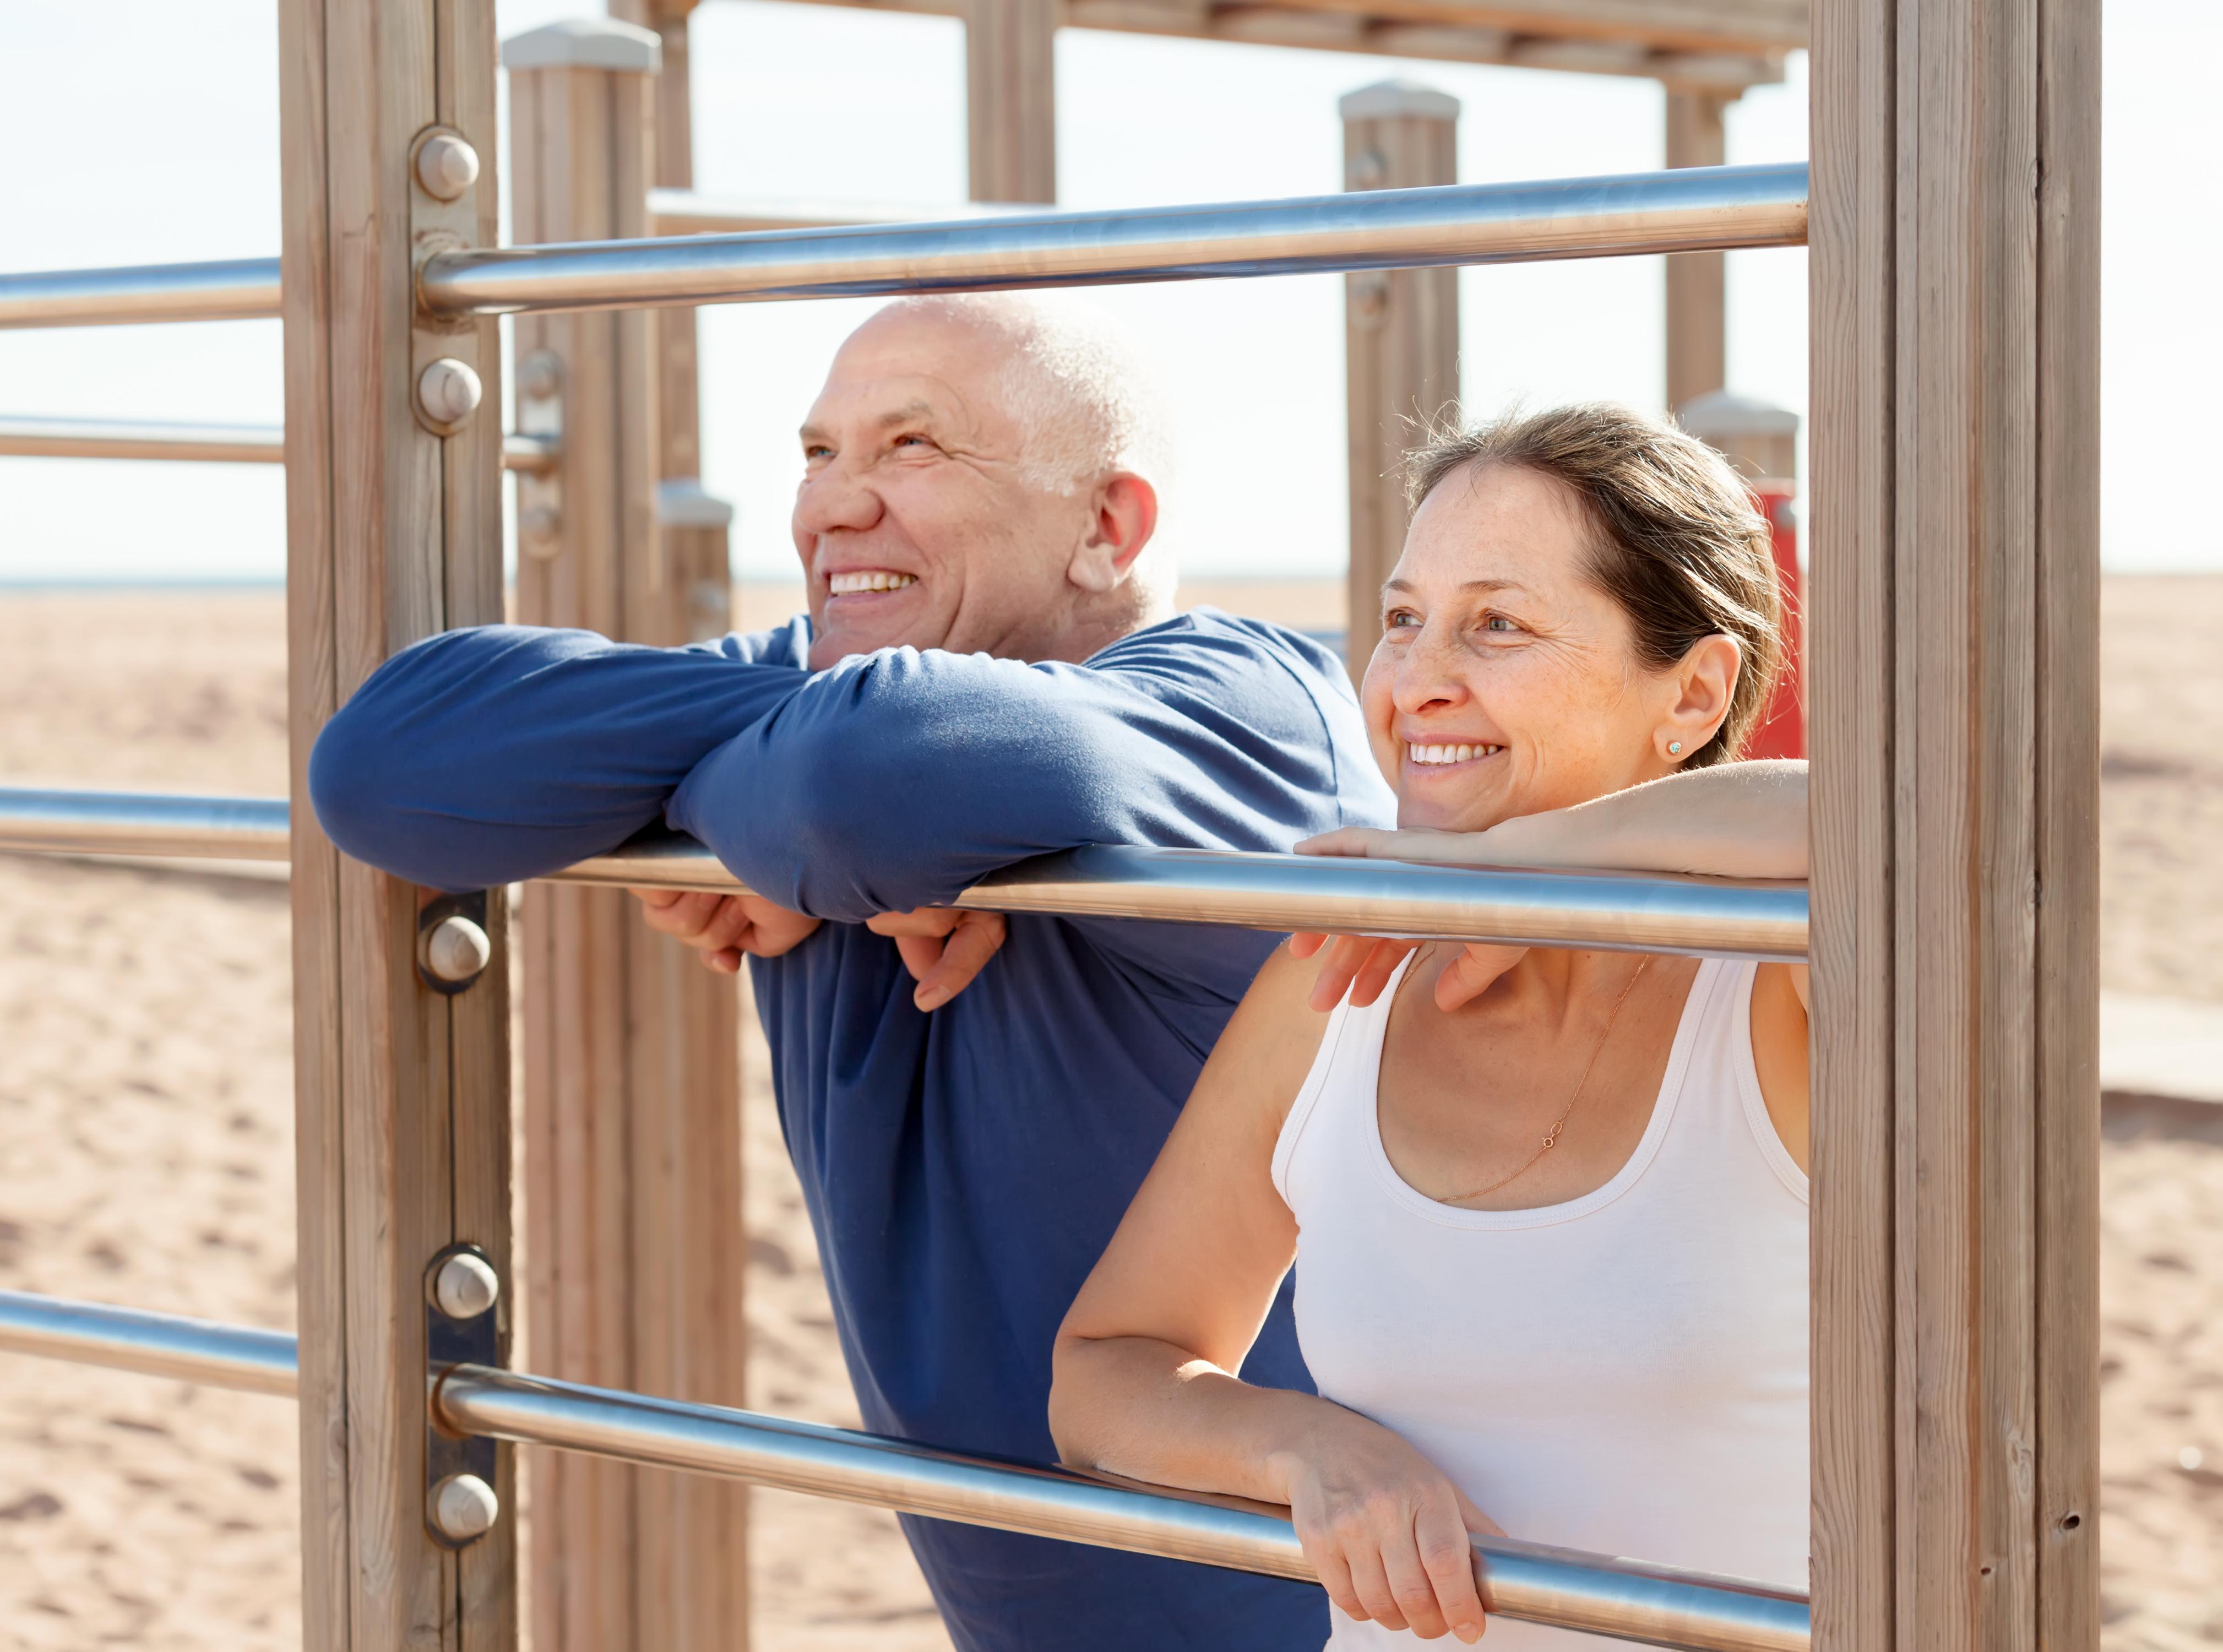 A atividade física auxilia no equilíbrio, agilidade e capacidade funcional dos idosos